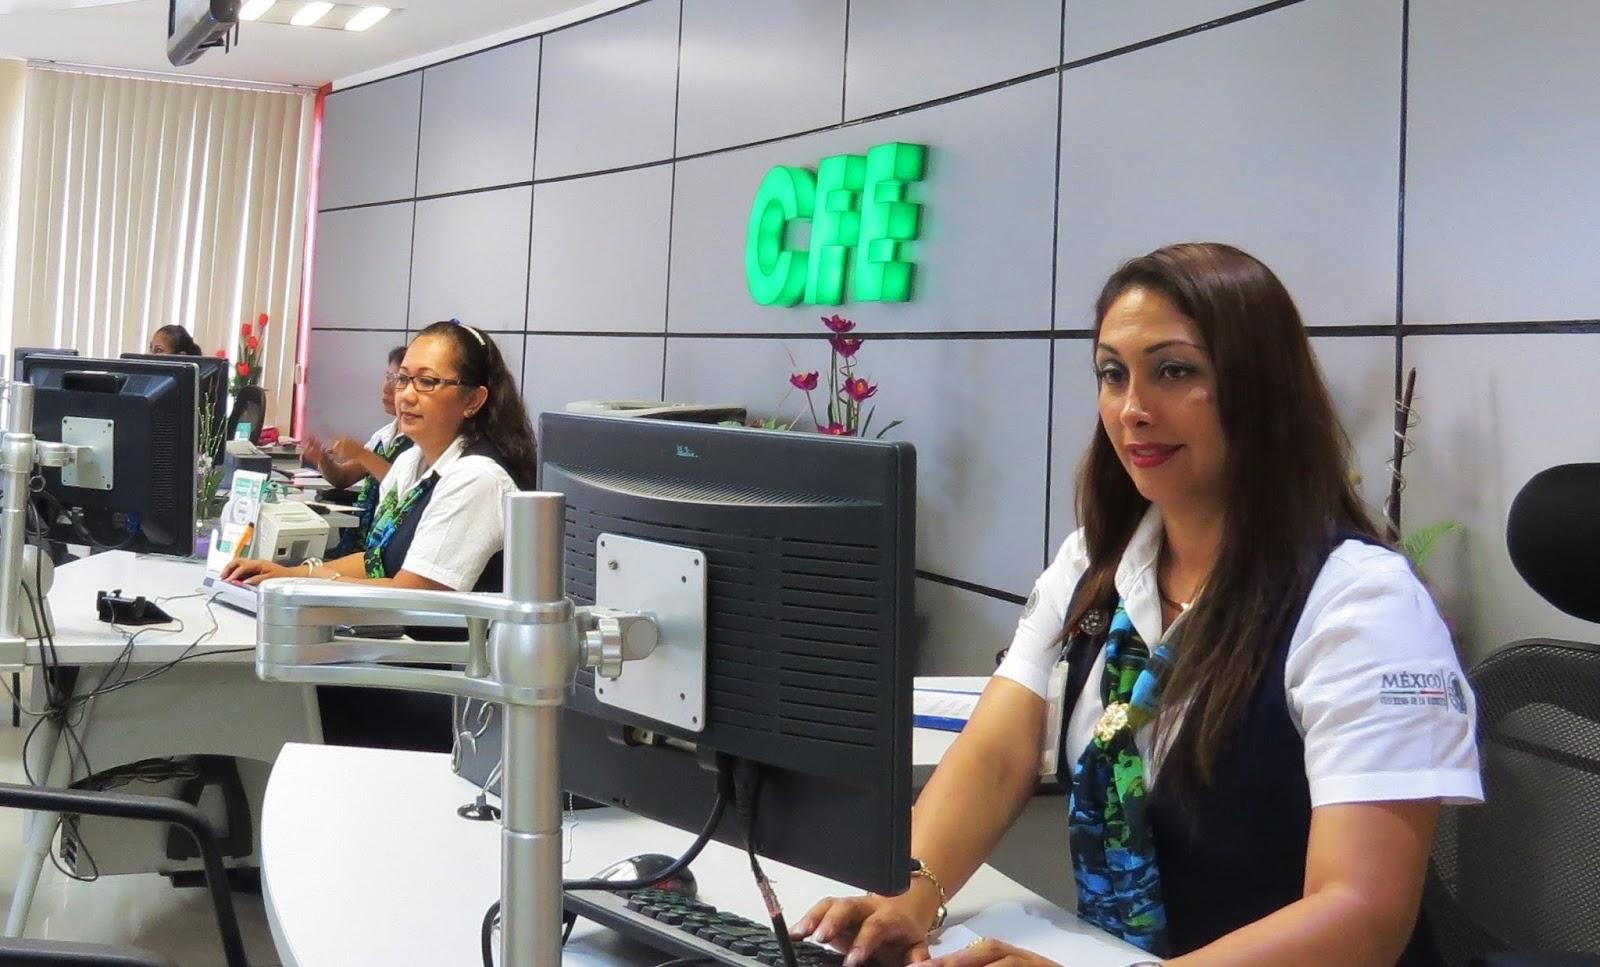 Acosur Agencia Costa Sur Abre Cfe Tel 233 Fono Para